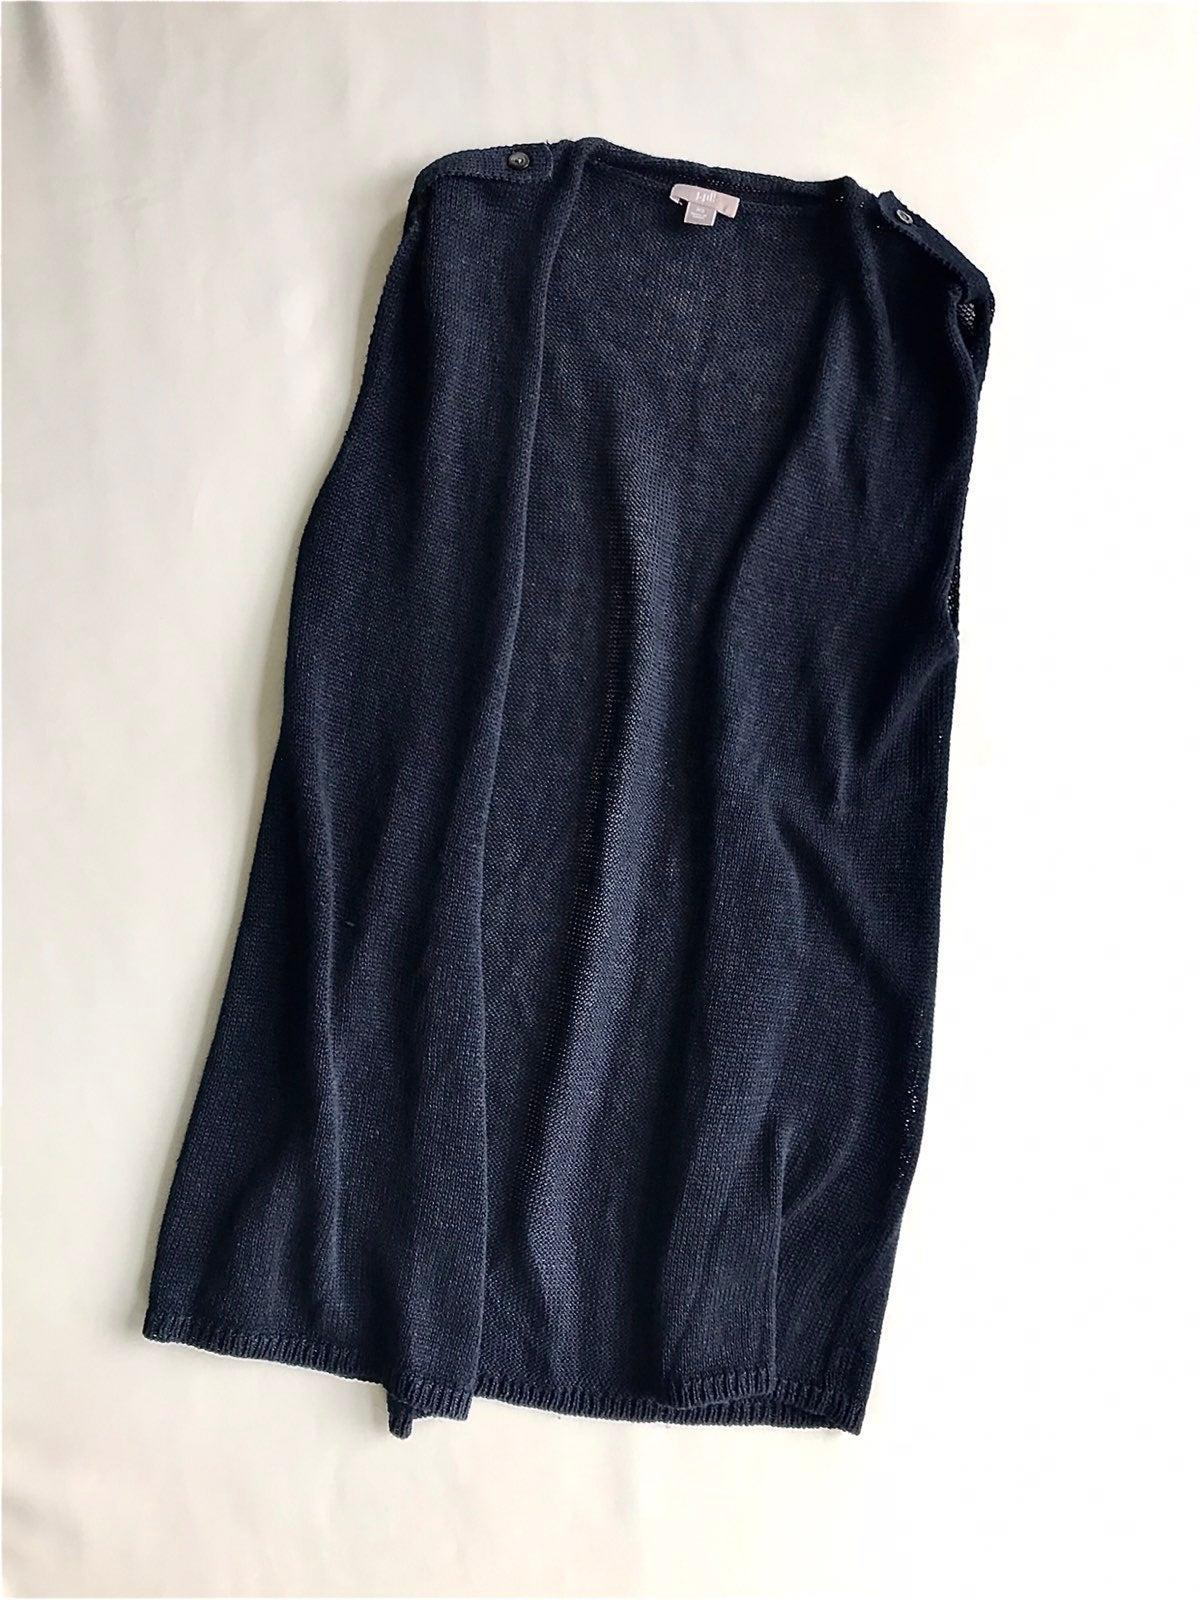 J Jill XS Cardigan Sweater Vest Navy